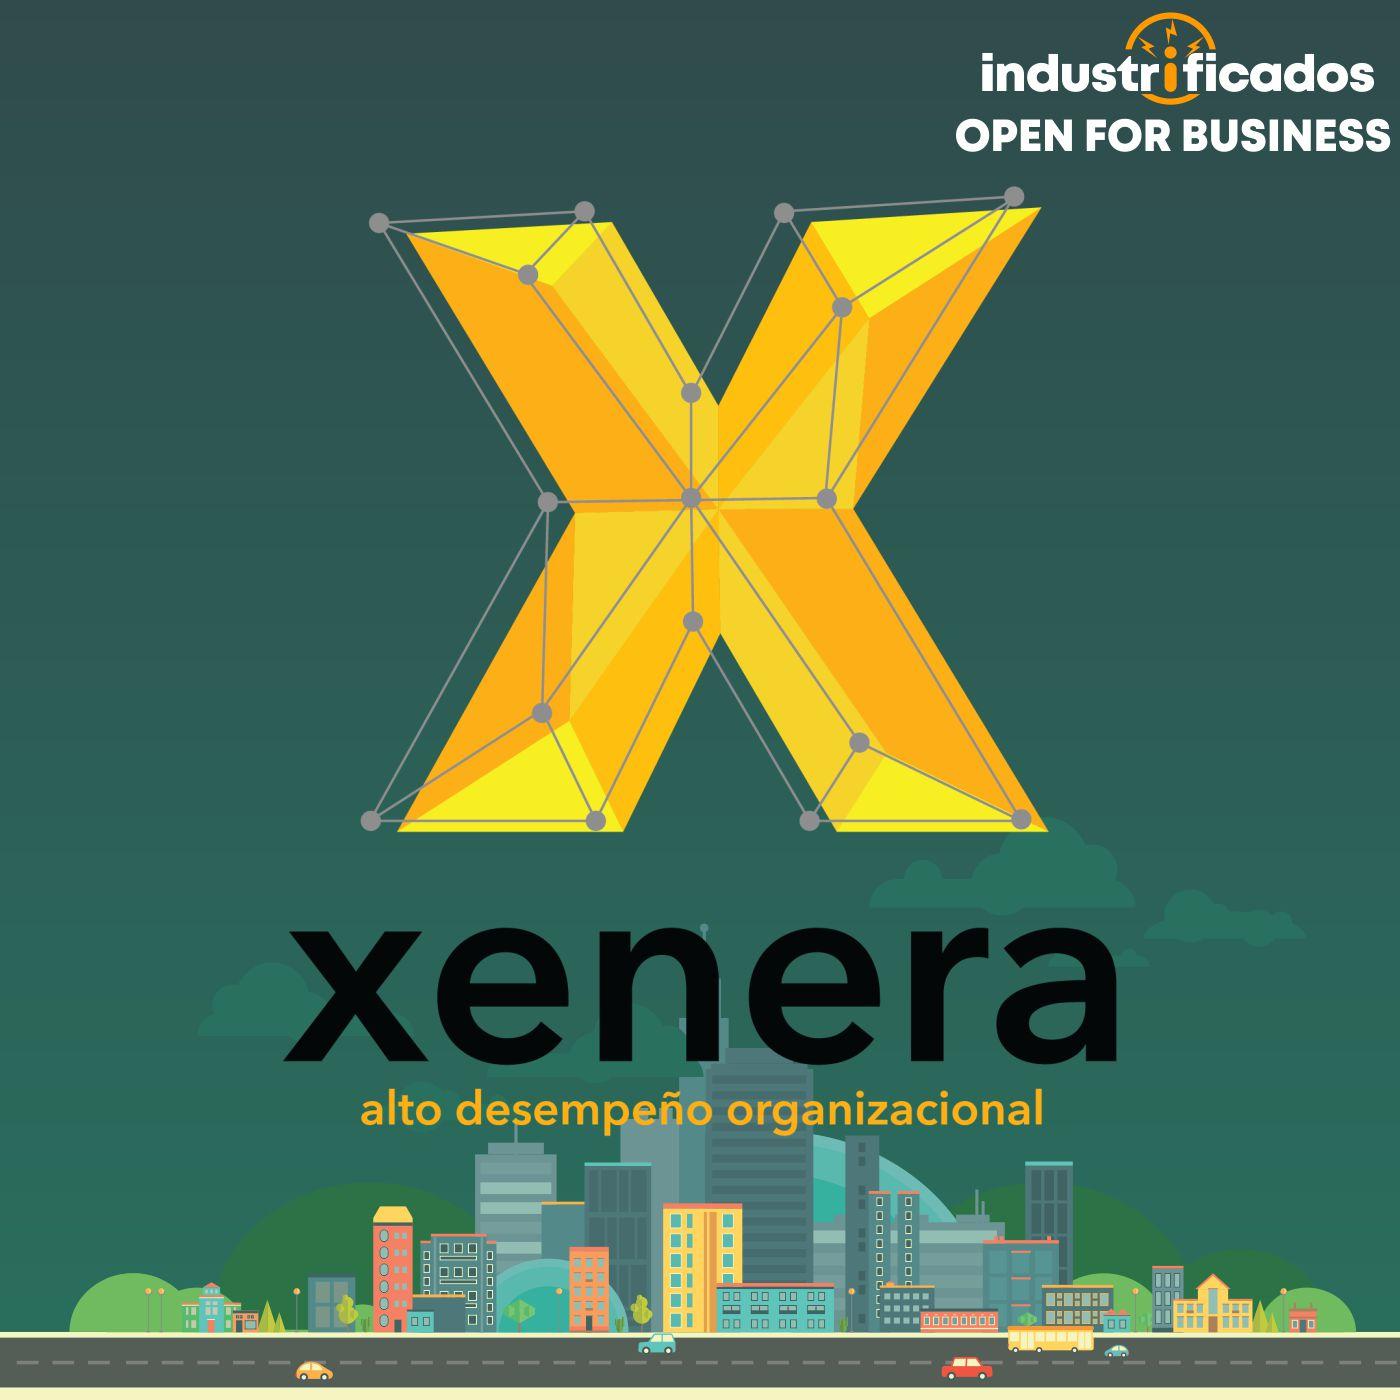 Alto desempeño organizacional | Xenera | Open for Business 02